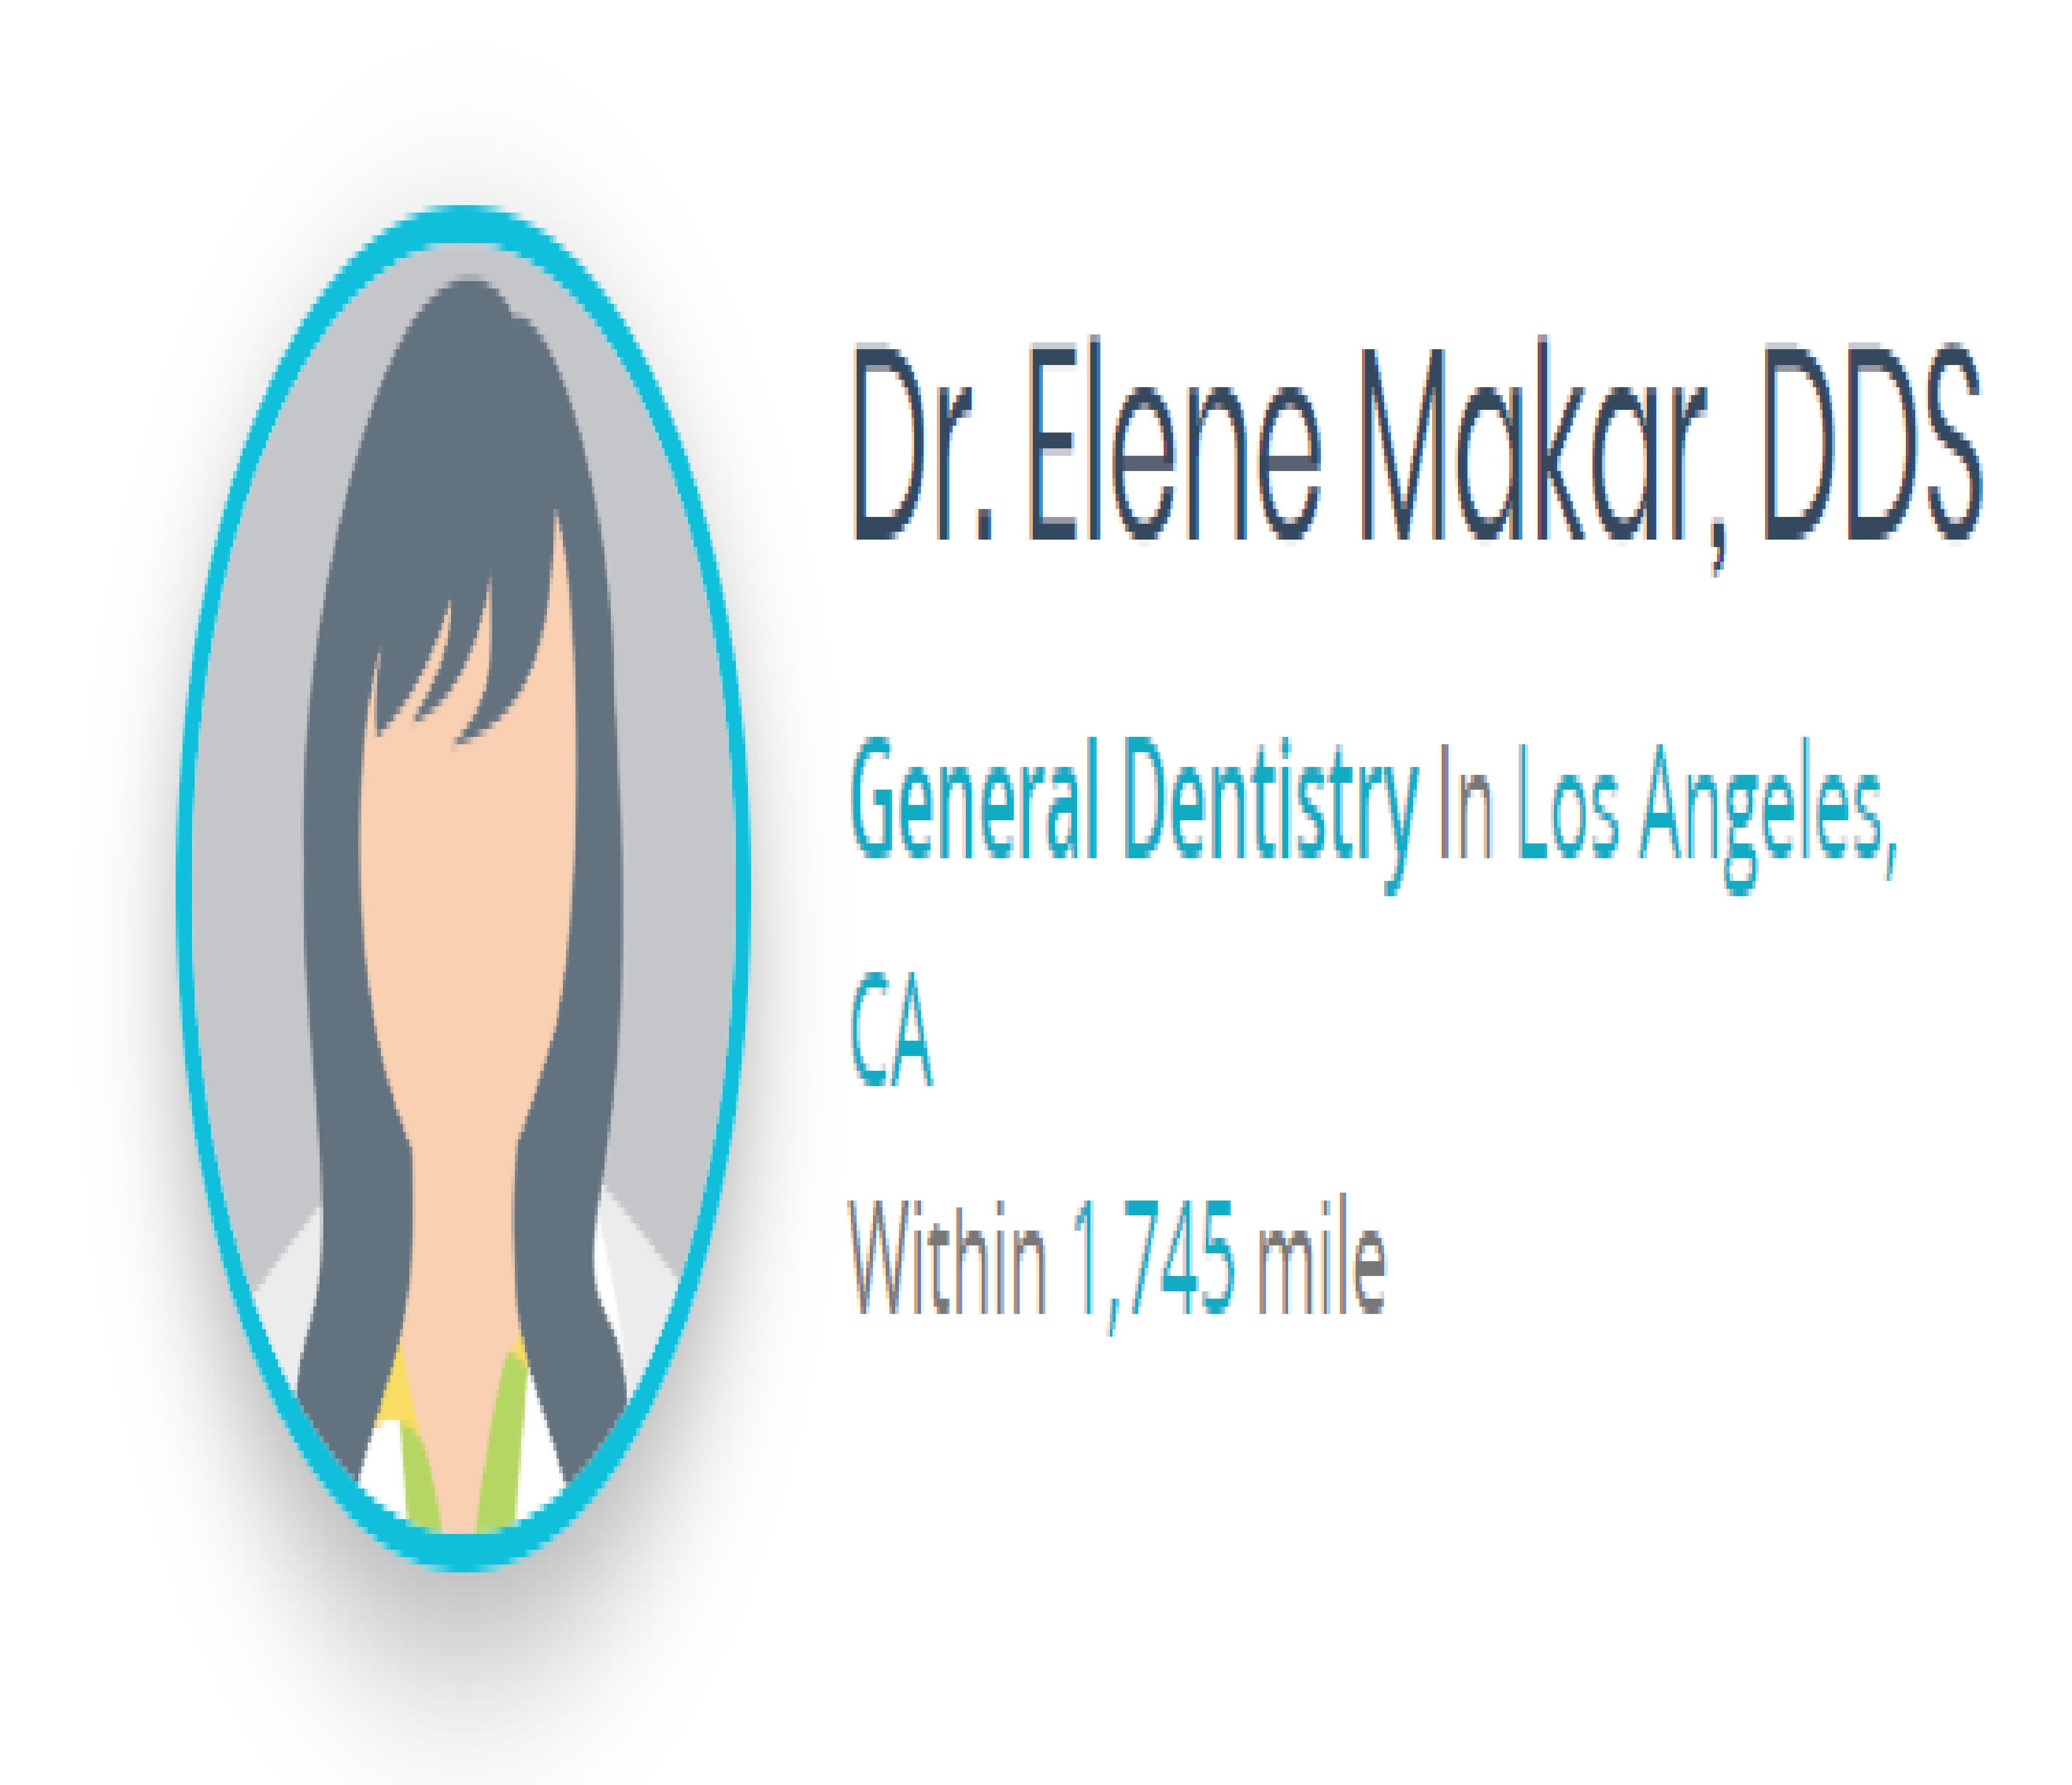 Dr. Elene Makar